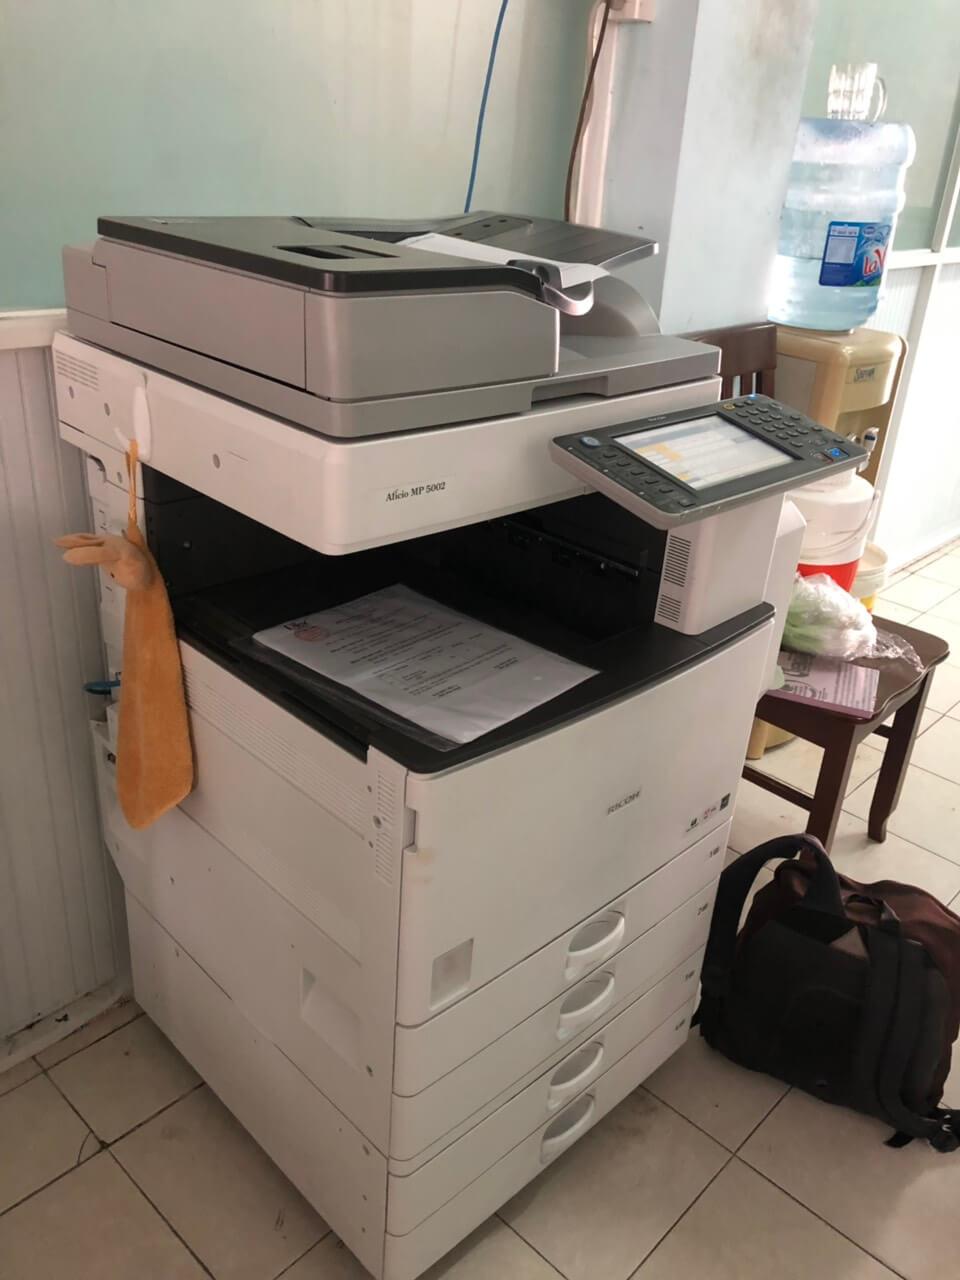 Đa dạng các mẫu máy để đáp ứng nhu cầu khách hàng